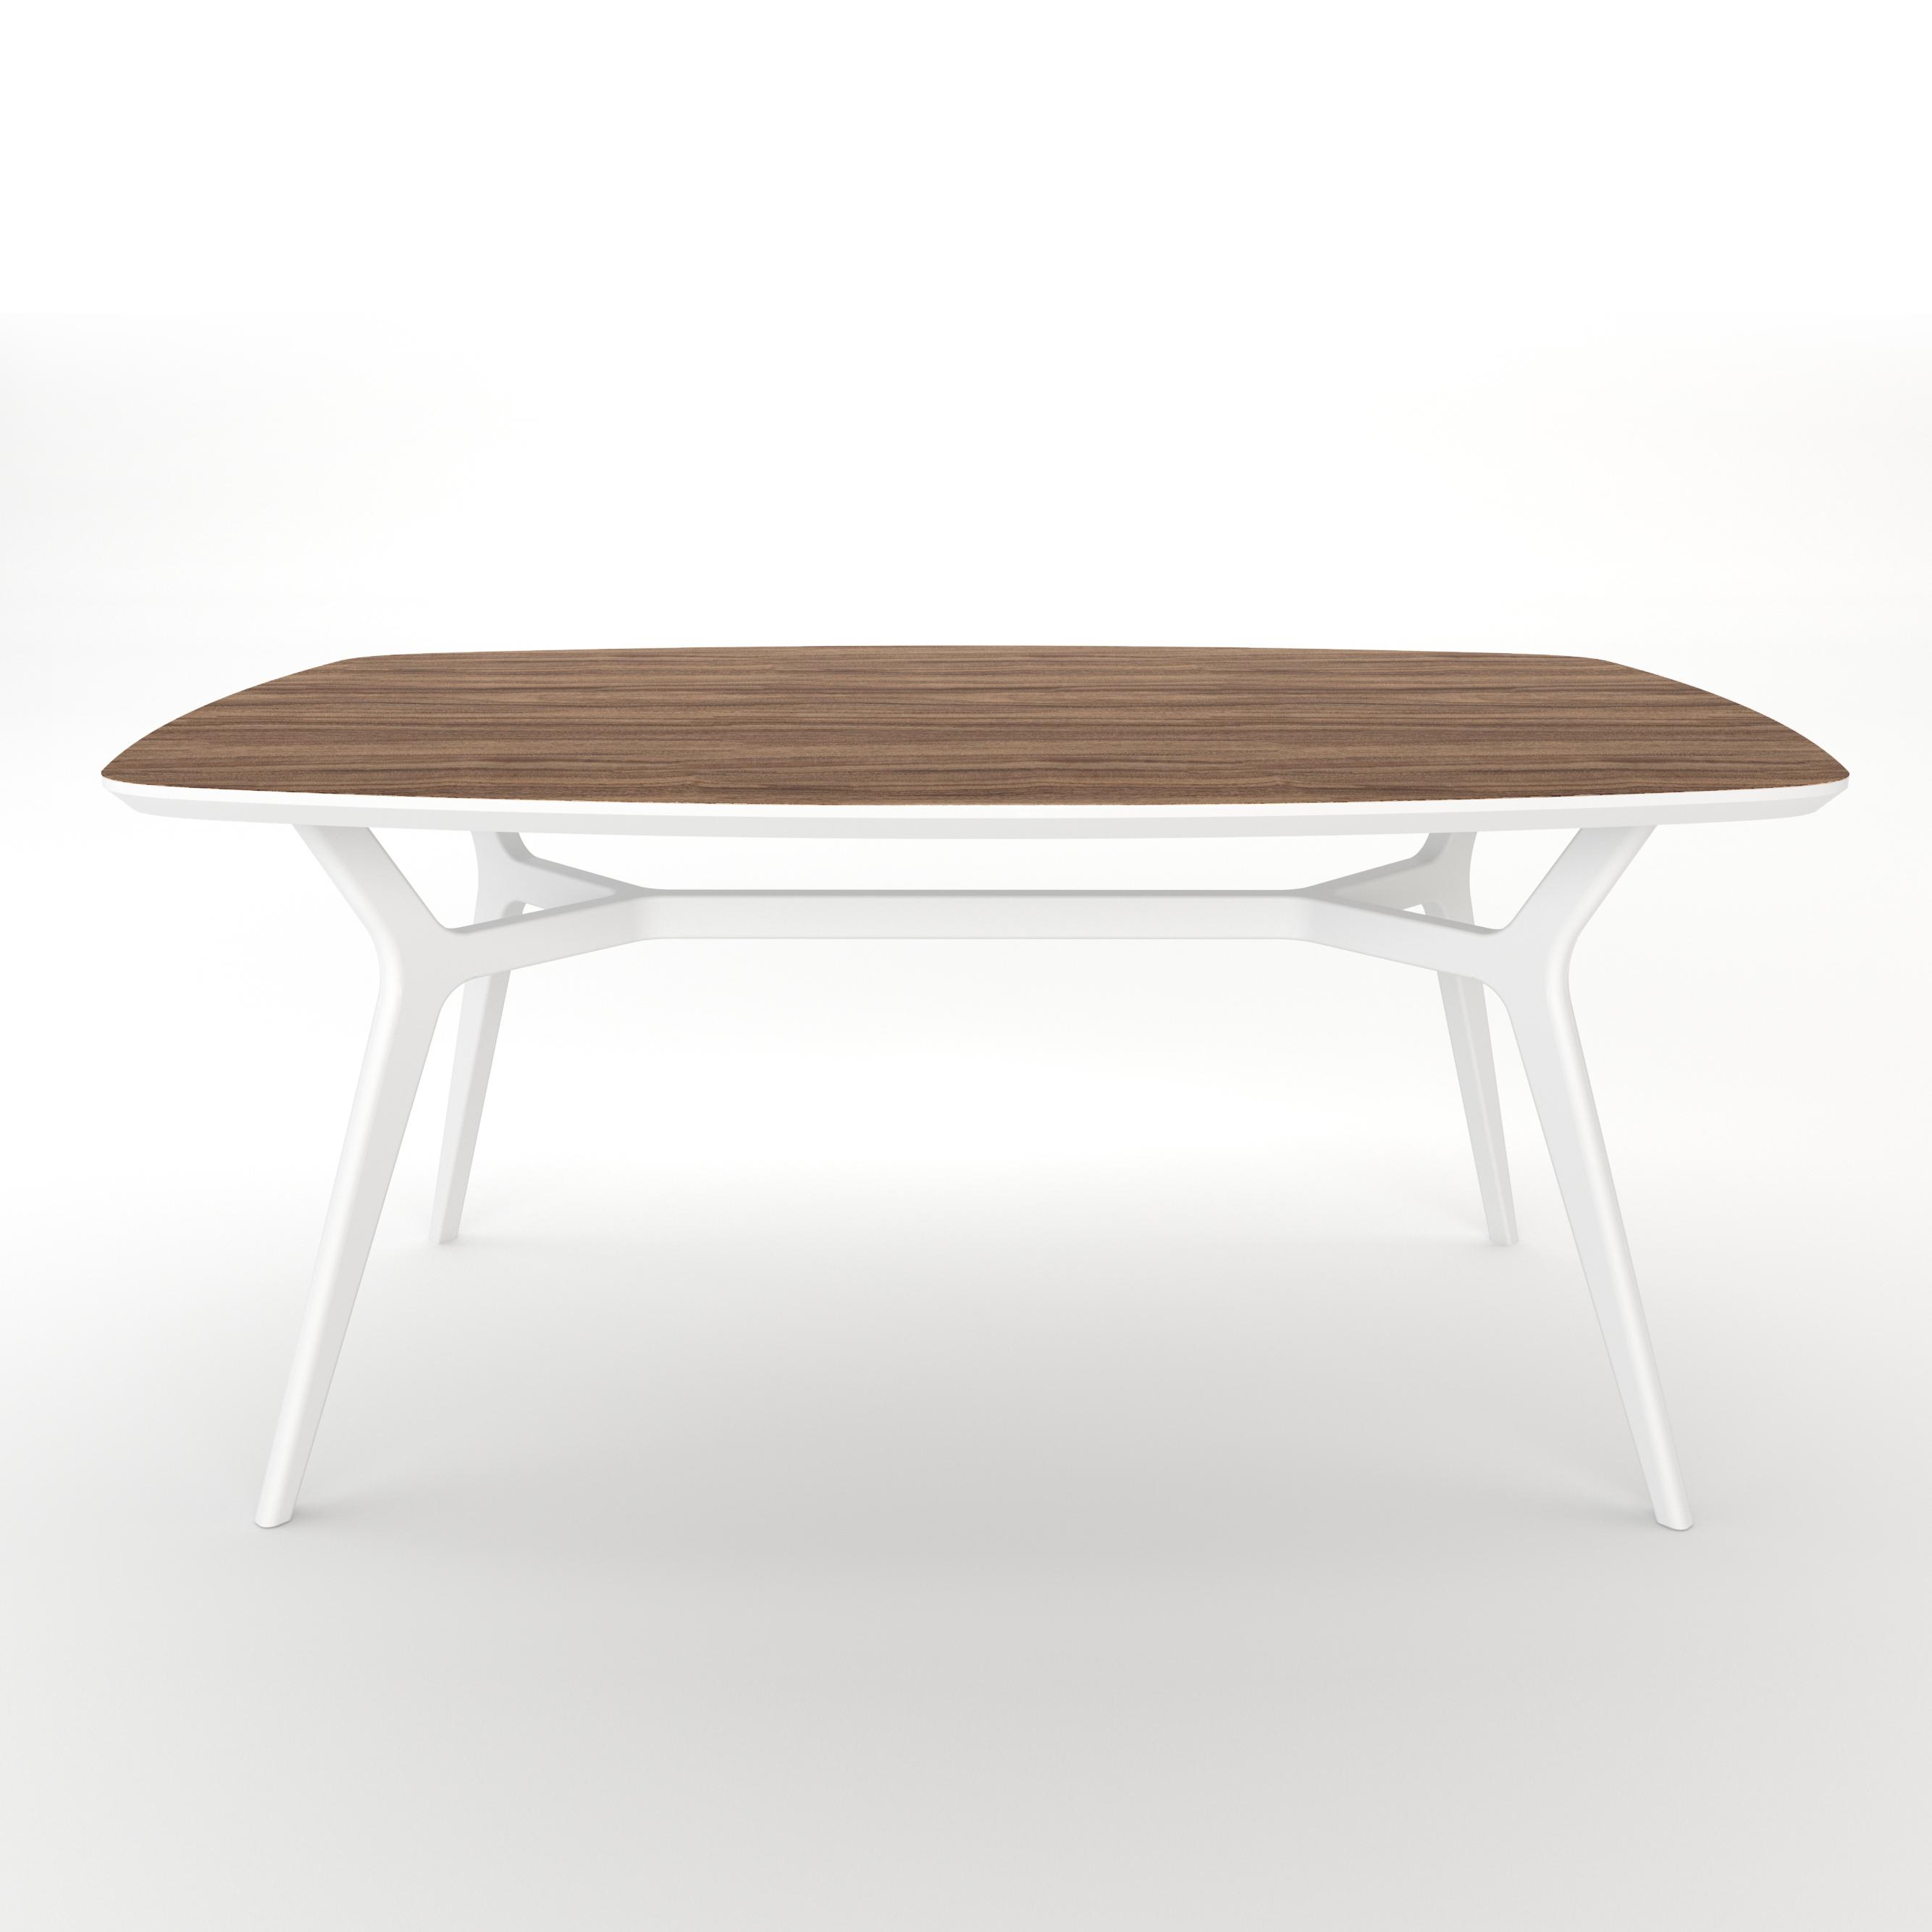 Стол JohannОбеденные столы<br>Тщательная проработка деталей и пропорций стола позволяет ему идеально вписаться в любой интерьер .&amp;lt;div&amp;gt;&amp;lt;br&amp;gt;&amp;lt;/div&amp;gt;&amp;lt;div&amp;gt;Отделка столешницы шпоном ореха, подстолье выкрашено в белый цвет. Сборка не требуется.&amp;lt;/div&amp;gt;<br><br>Material: МДФ<br>Ширина см: 180<br>Высота см: 75<br>Глубина см: 90